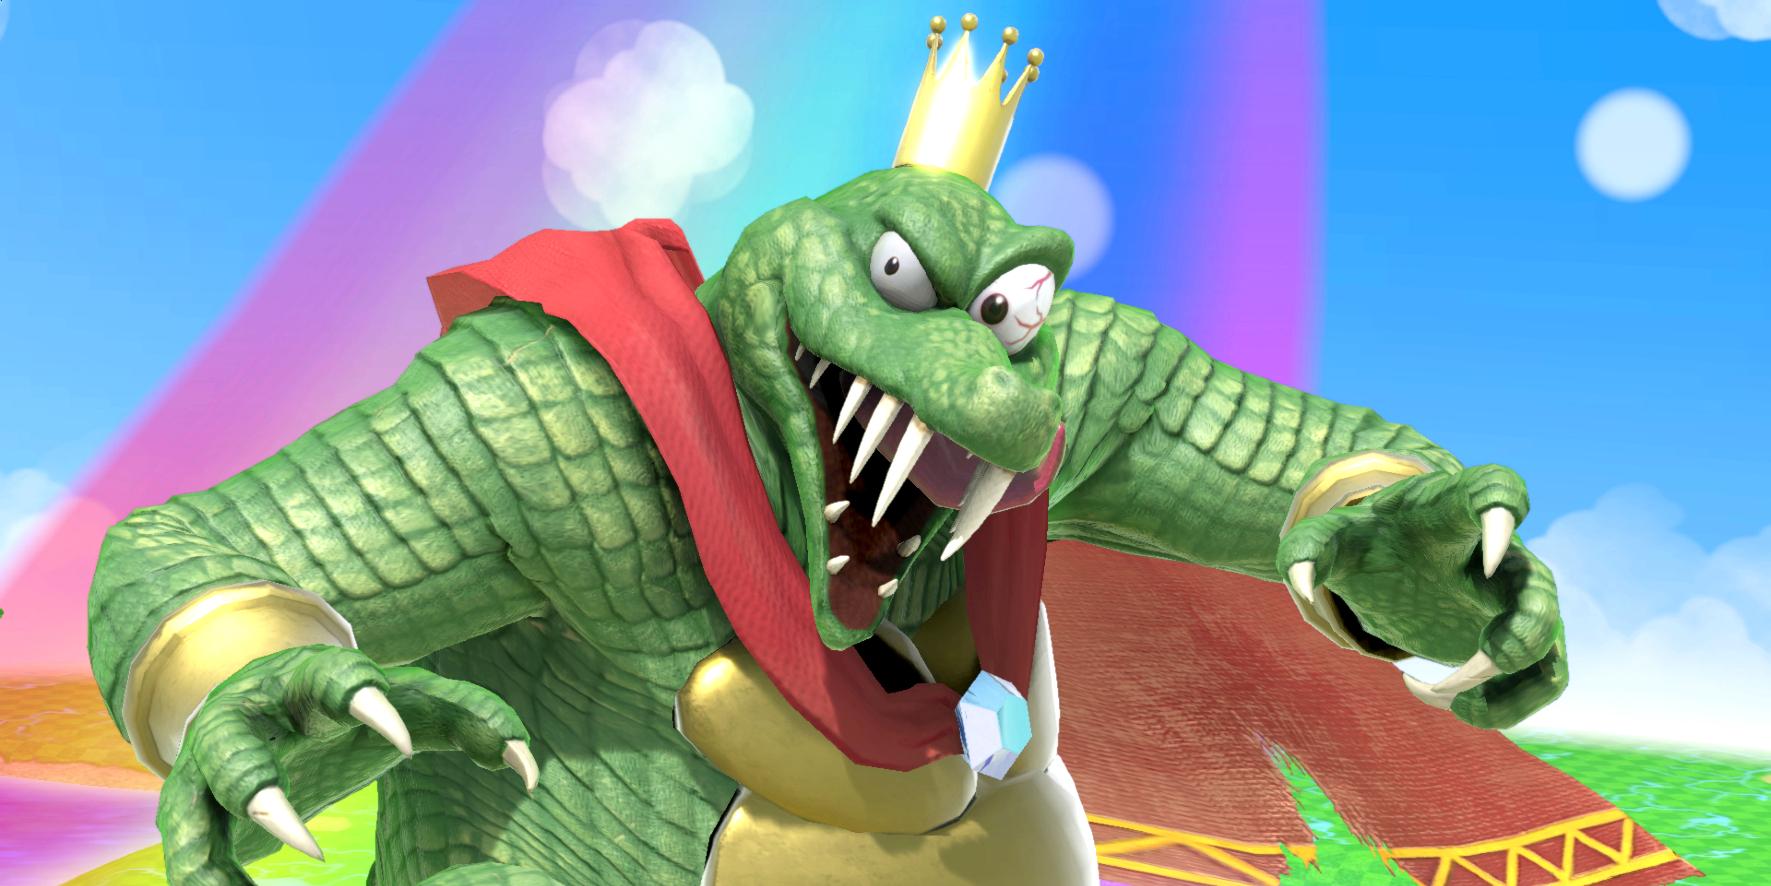 Super Mario Party e Diablo III: Os jogos que a Nintendo levou para a Gamescom